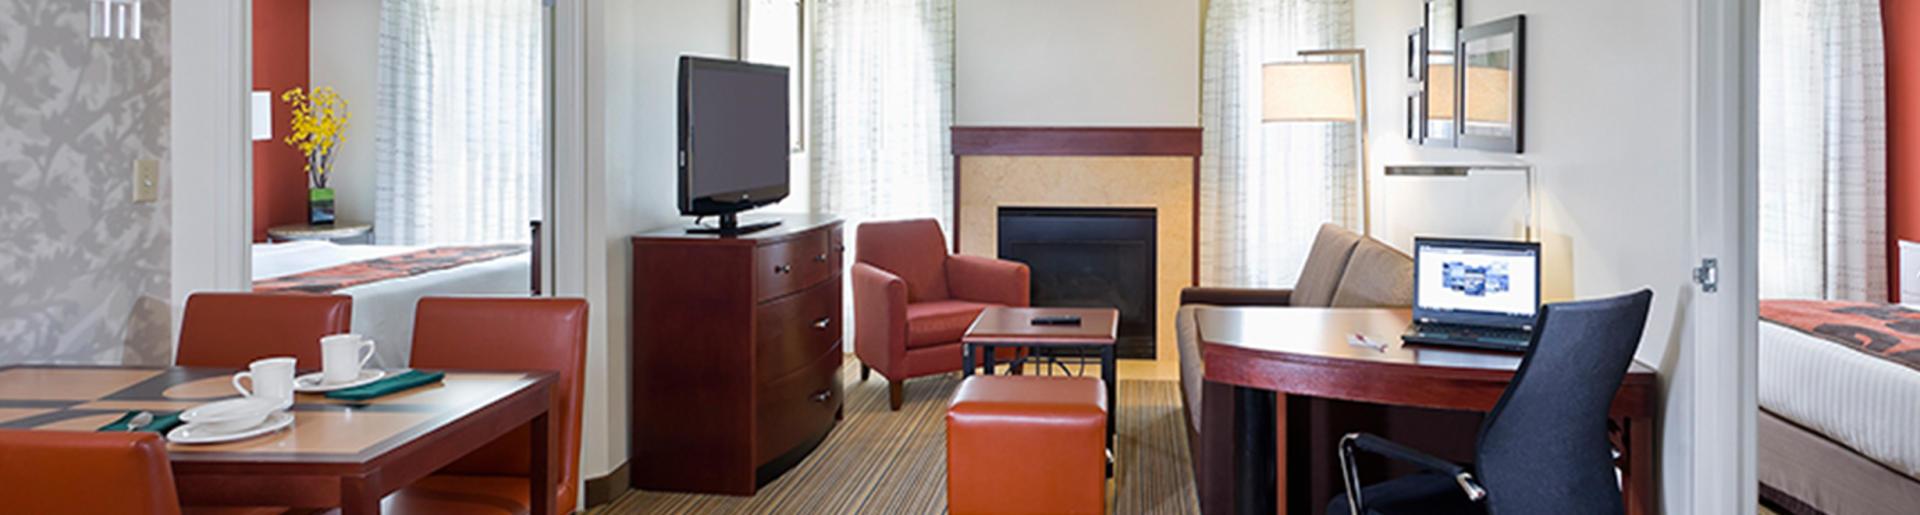 Extended Stay, Residence Inn